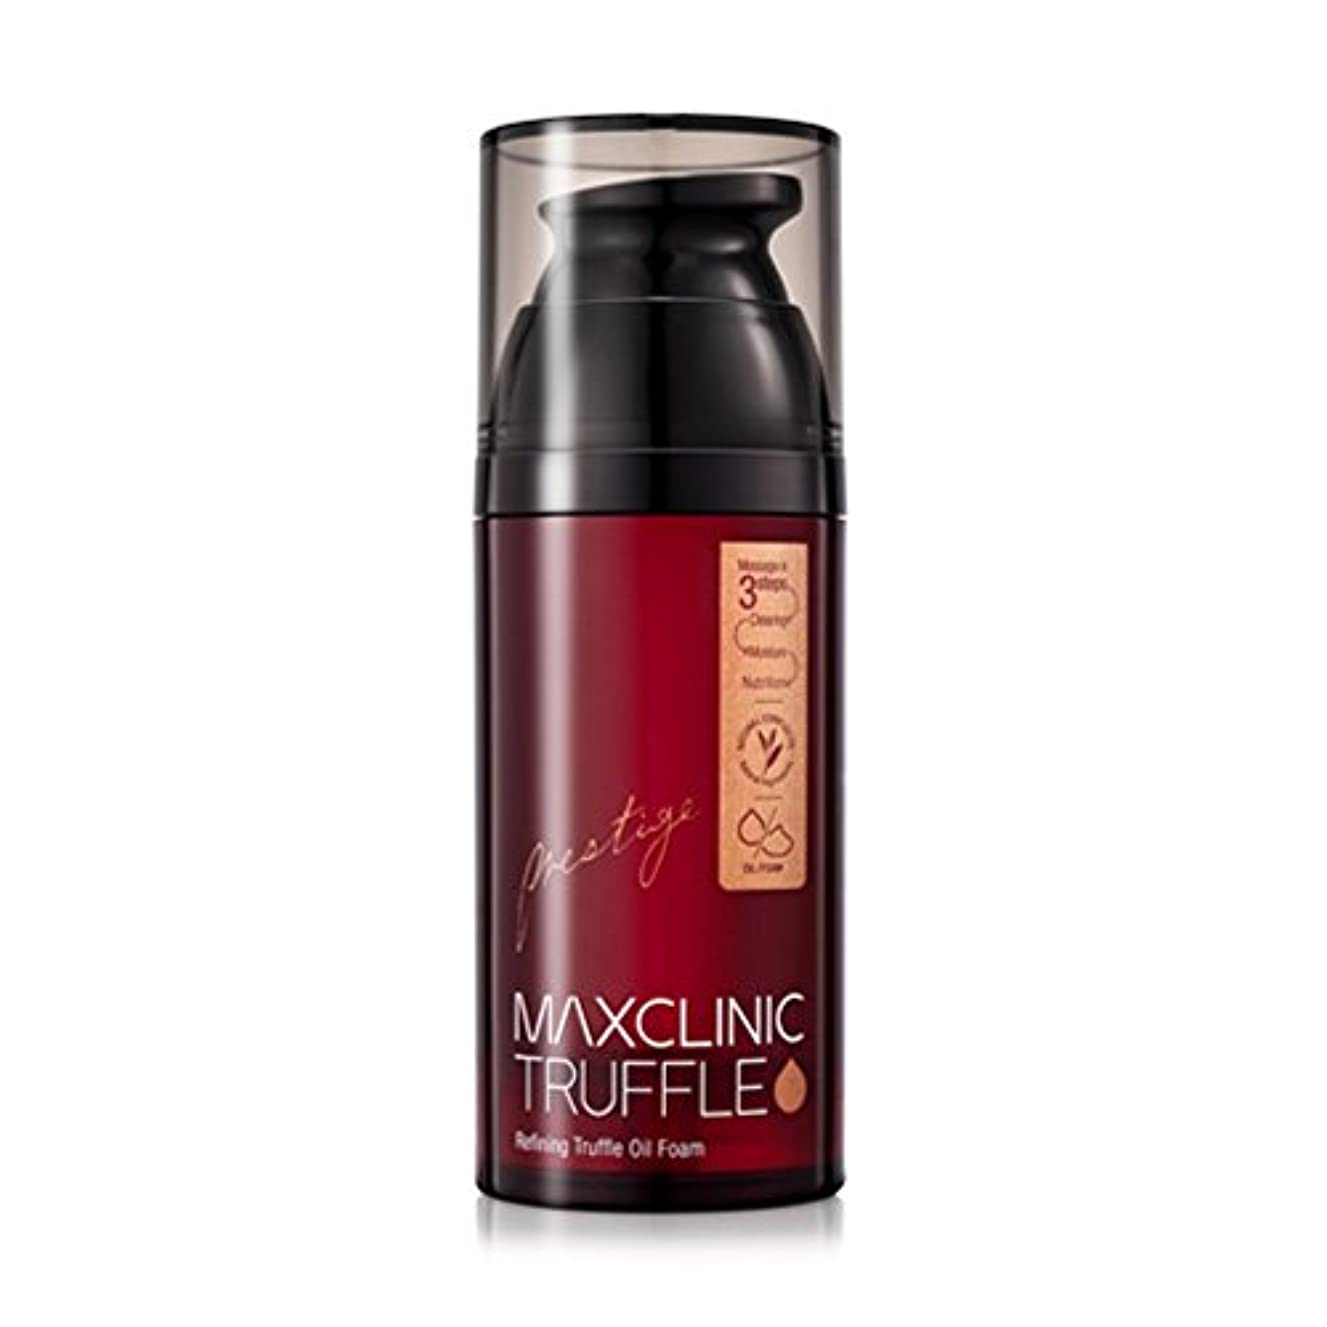 部分的に準備ができて開発するMAXCLINIC Refining Truffle Spa Oil Cleanser 110g/マックスクリニック リファイニング トリュフ スパ オイル クレンザー 110g